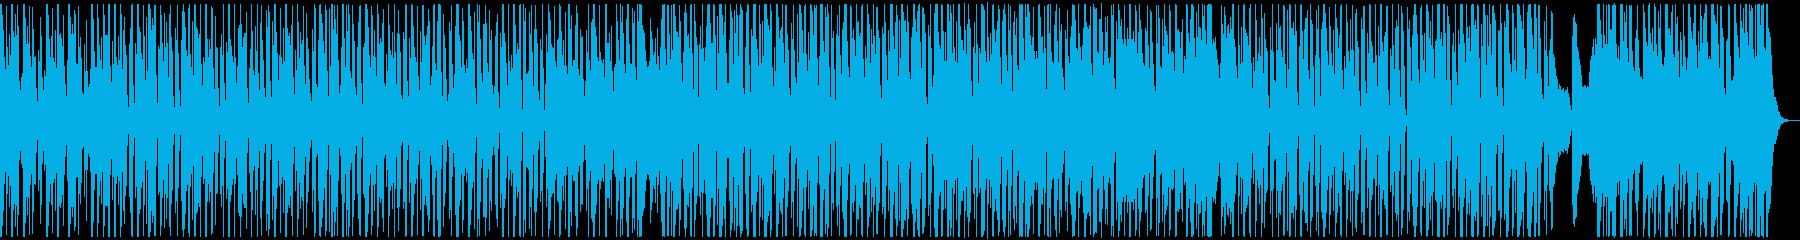 リコーダーとウクレレが楽しいポップスの再生済みの波形